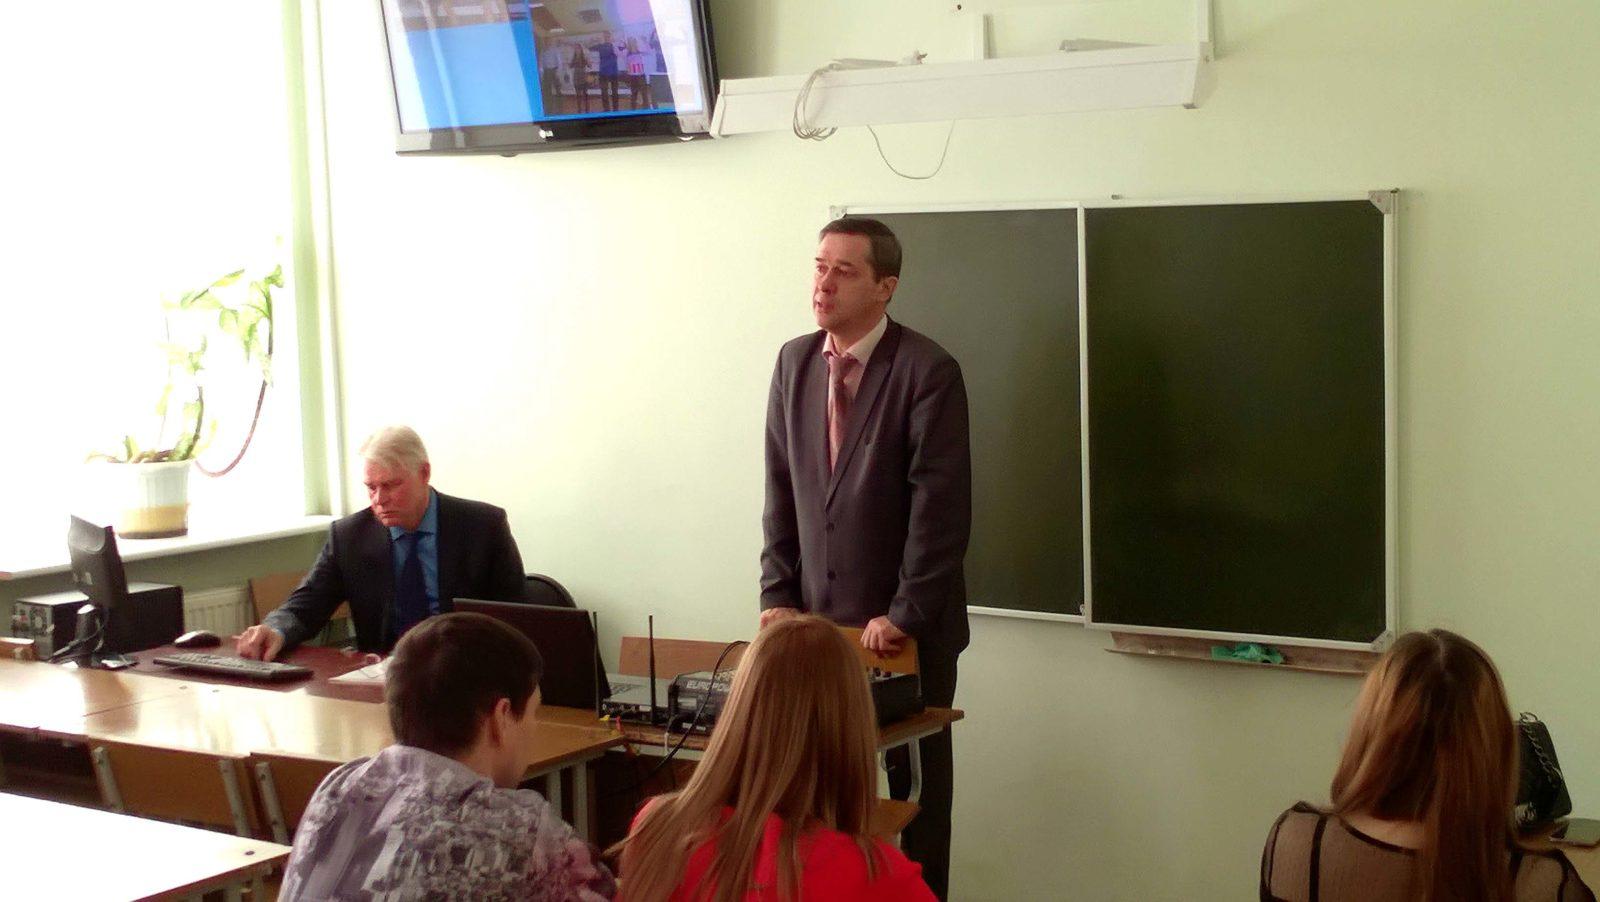 Сергей Викторович Волченко, День открытых дверей